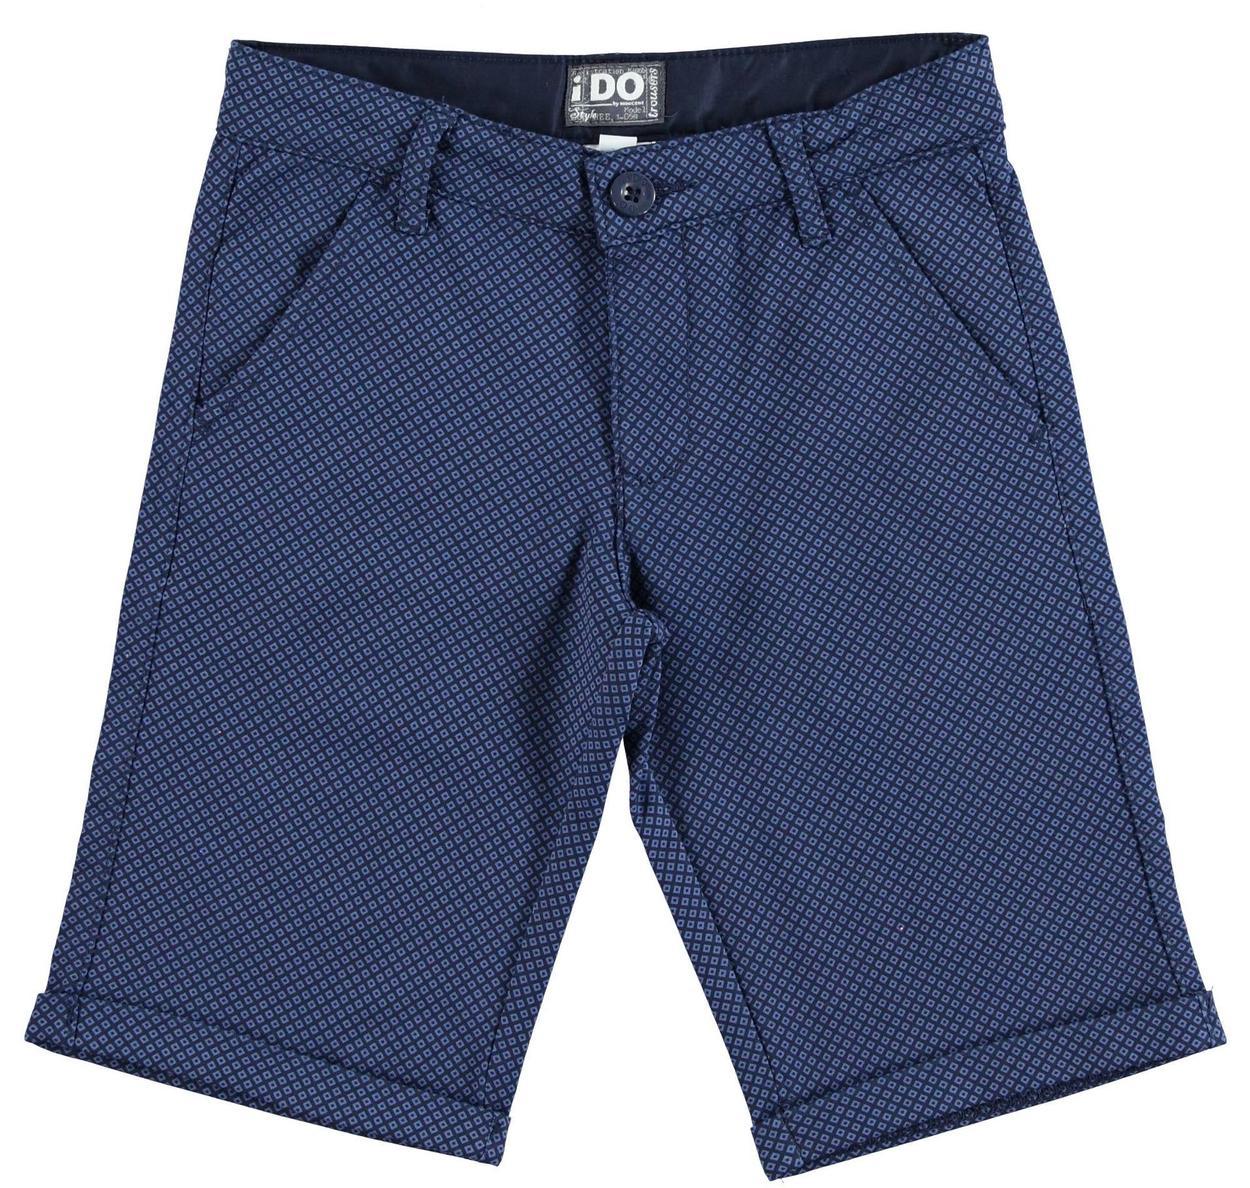 Pantalone corto modello chinos fantasia geometrica per bambino da 6 a 16 anni iDO